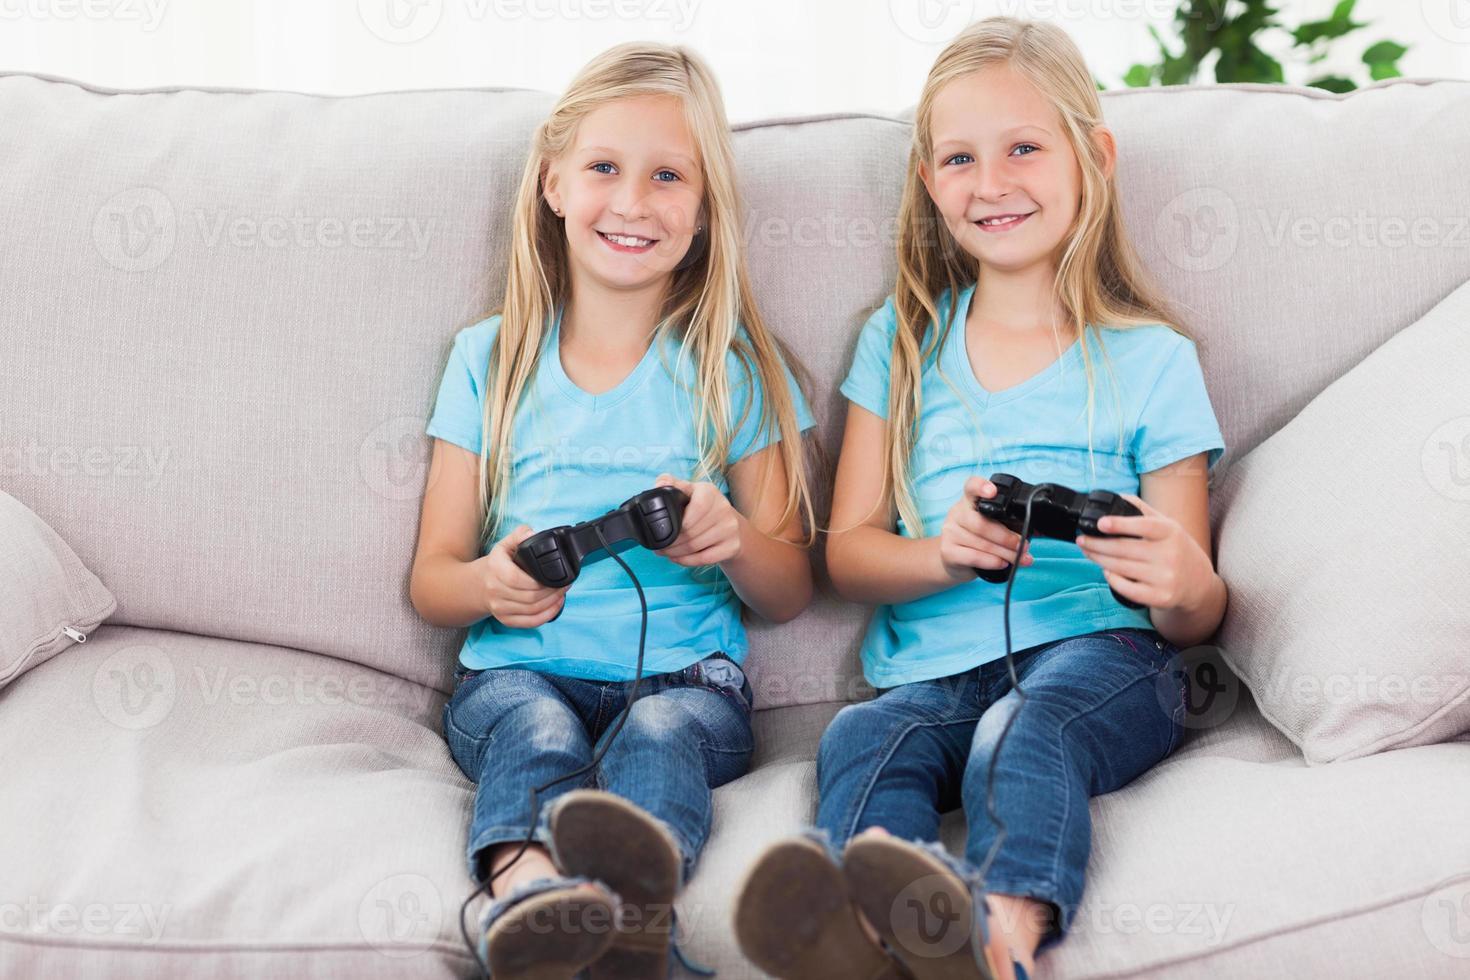 jumeaux jouant ensemble à des jeux vidéo photo